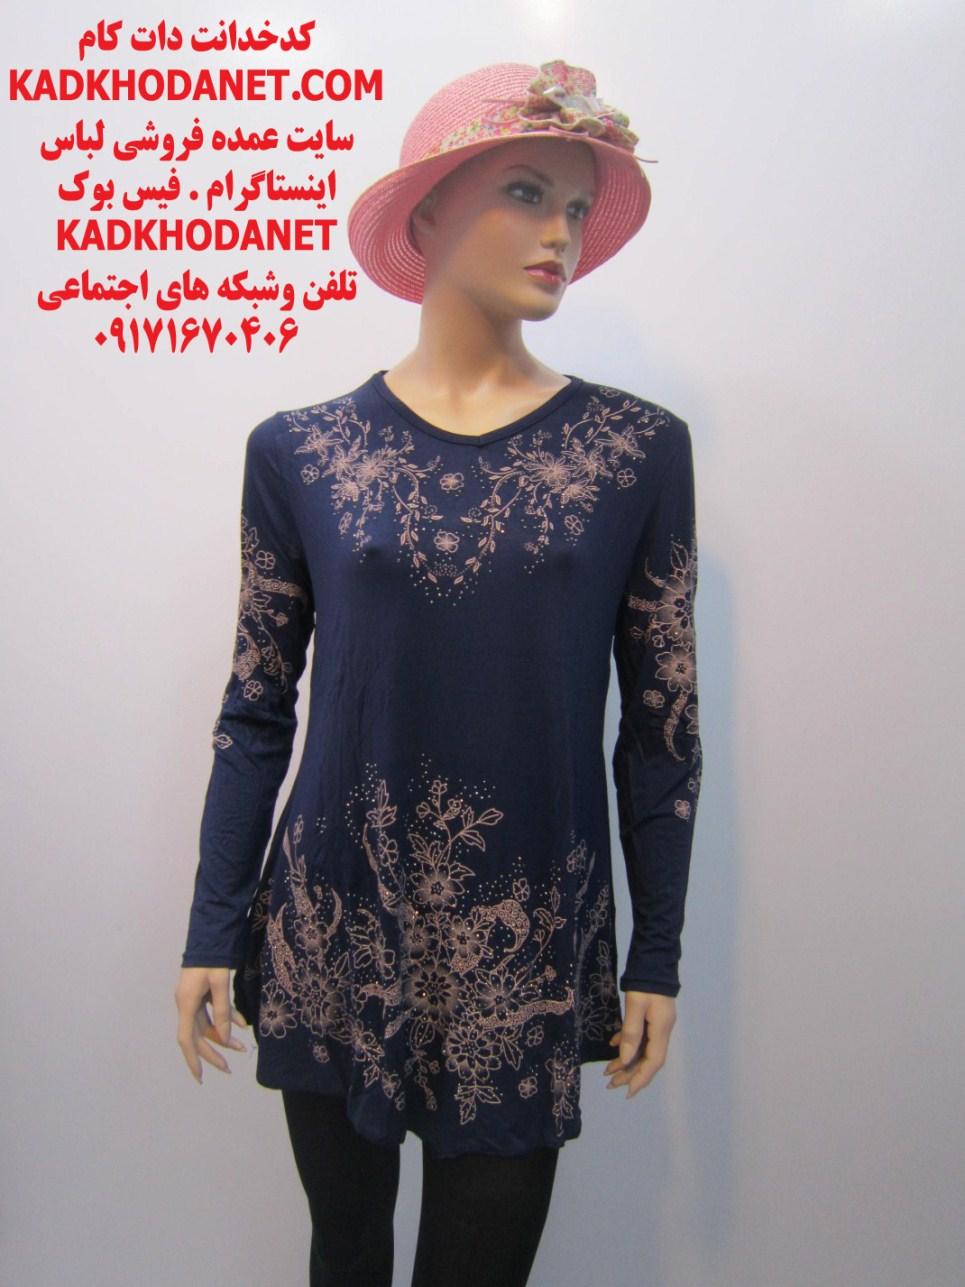 لباس تونیک زنانه جدید (2)